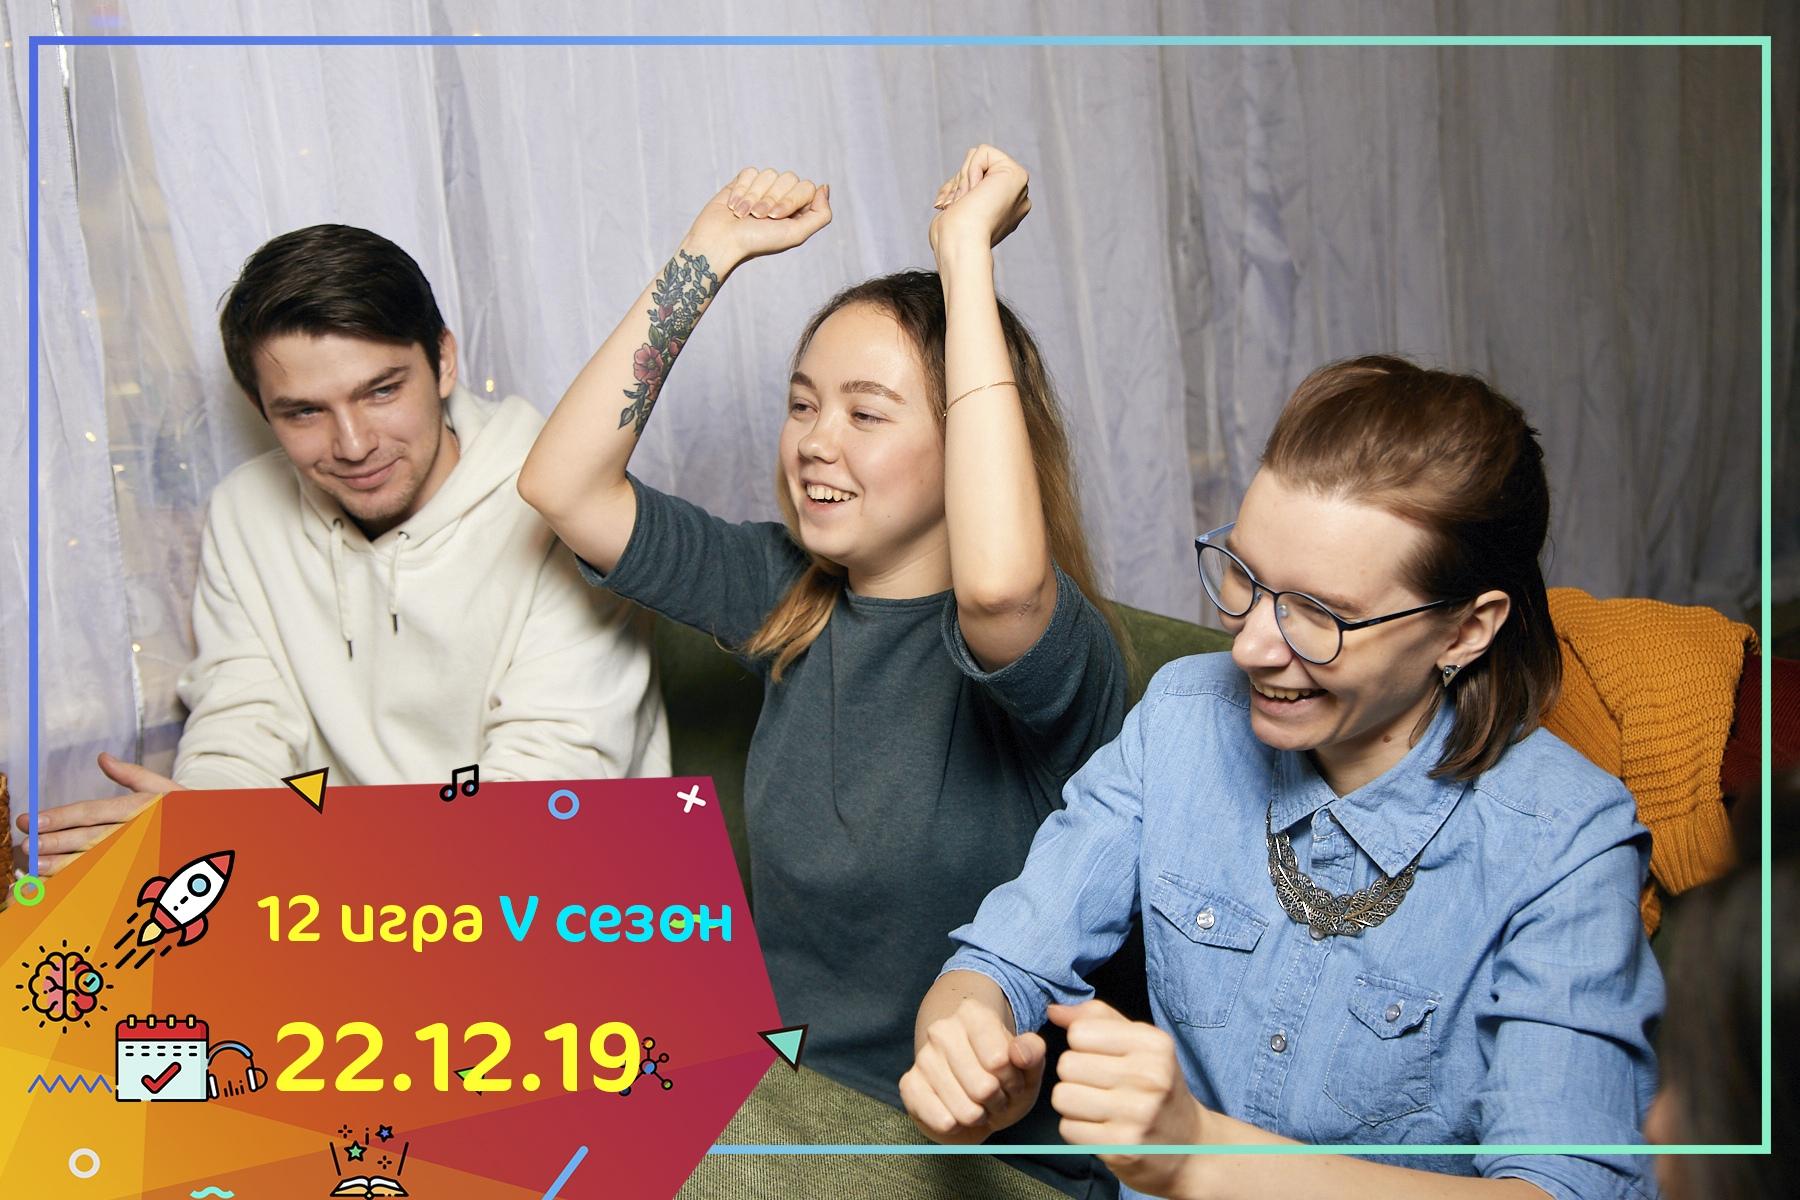 Игра №12 V сезона Улётный квиз 22.12.2019 (99 фото)